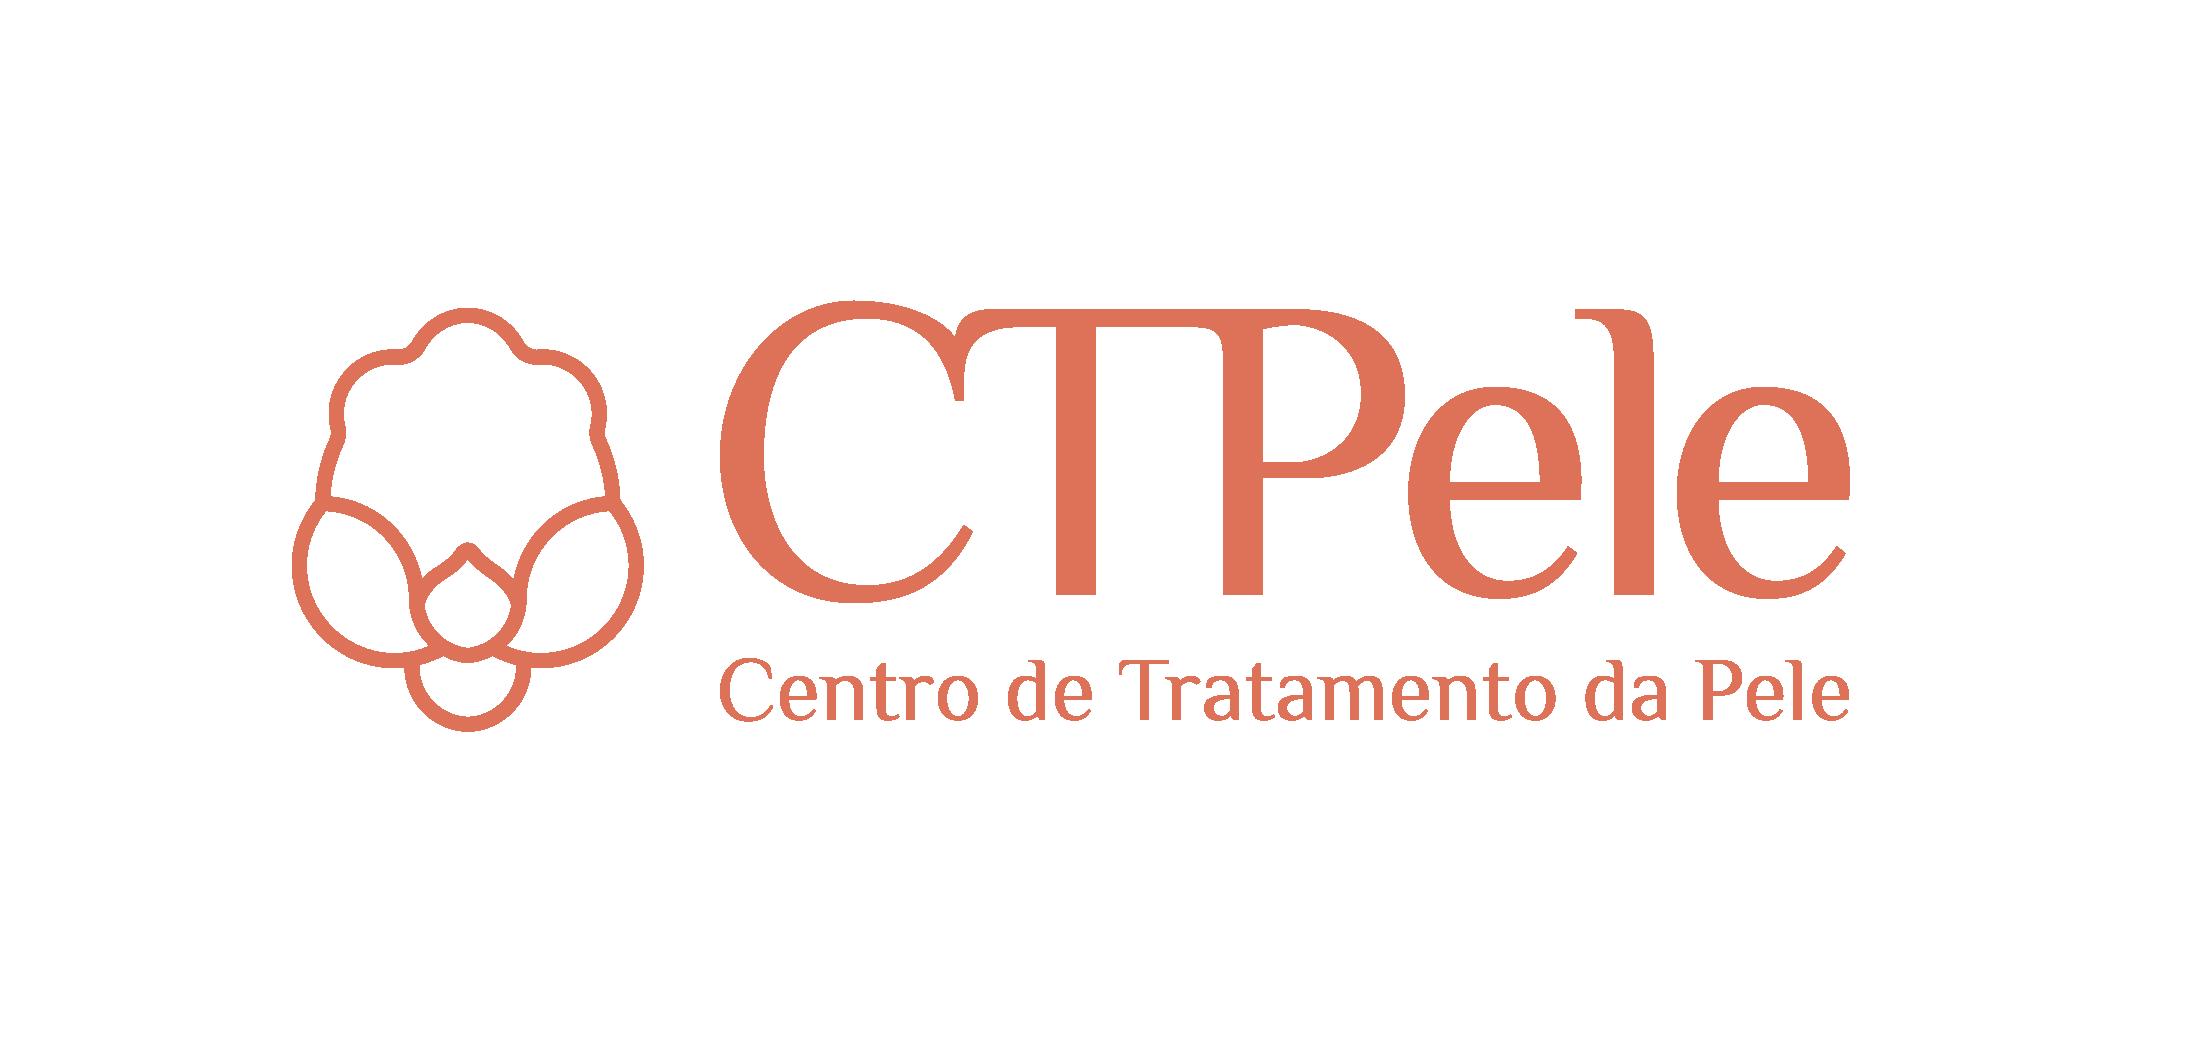 Clinica de tratamento de pele em Ipanema, zona sul do Rio de Janeiro